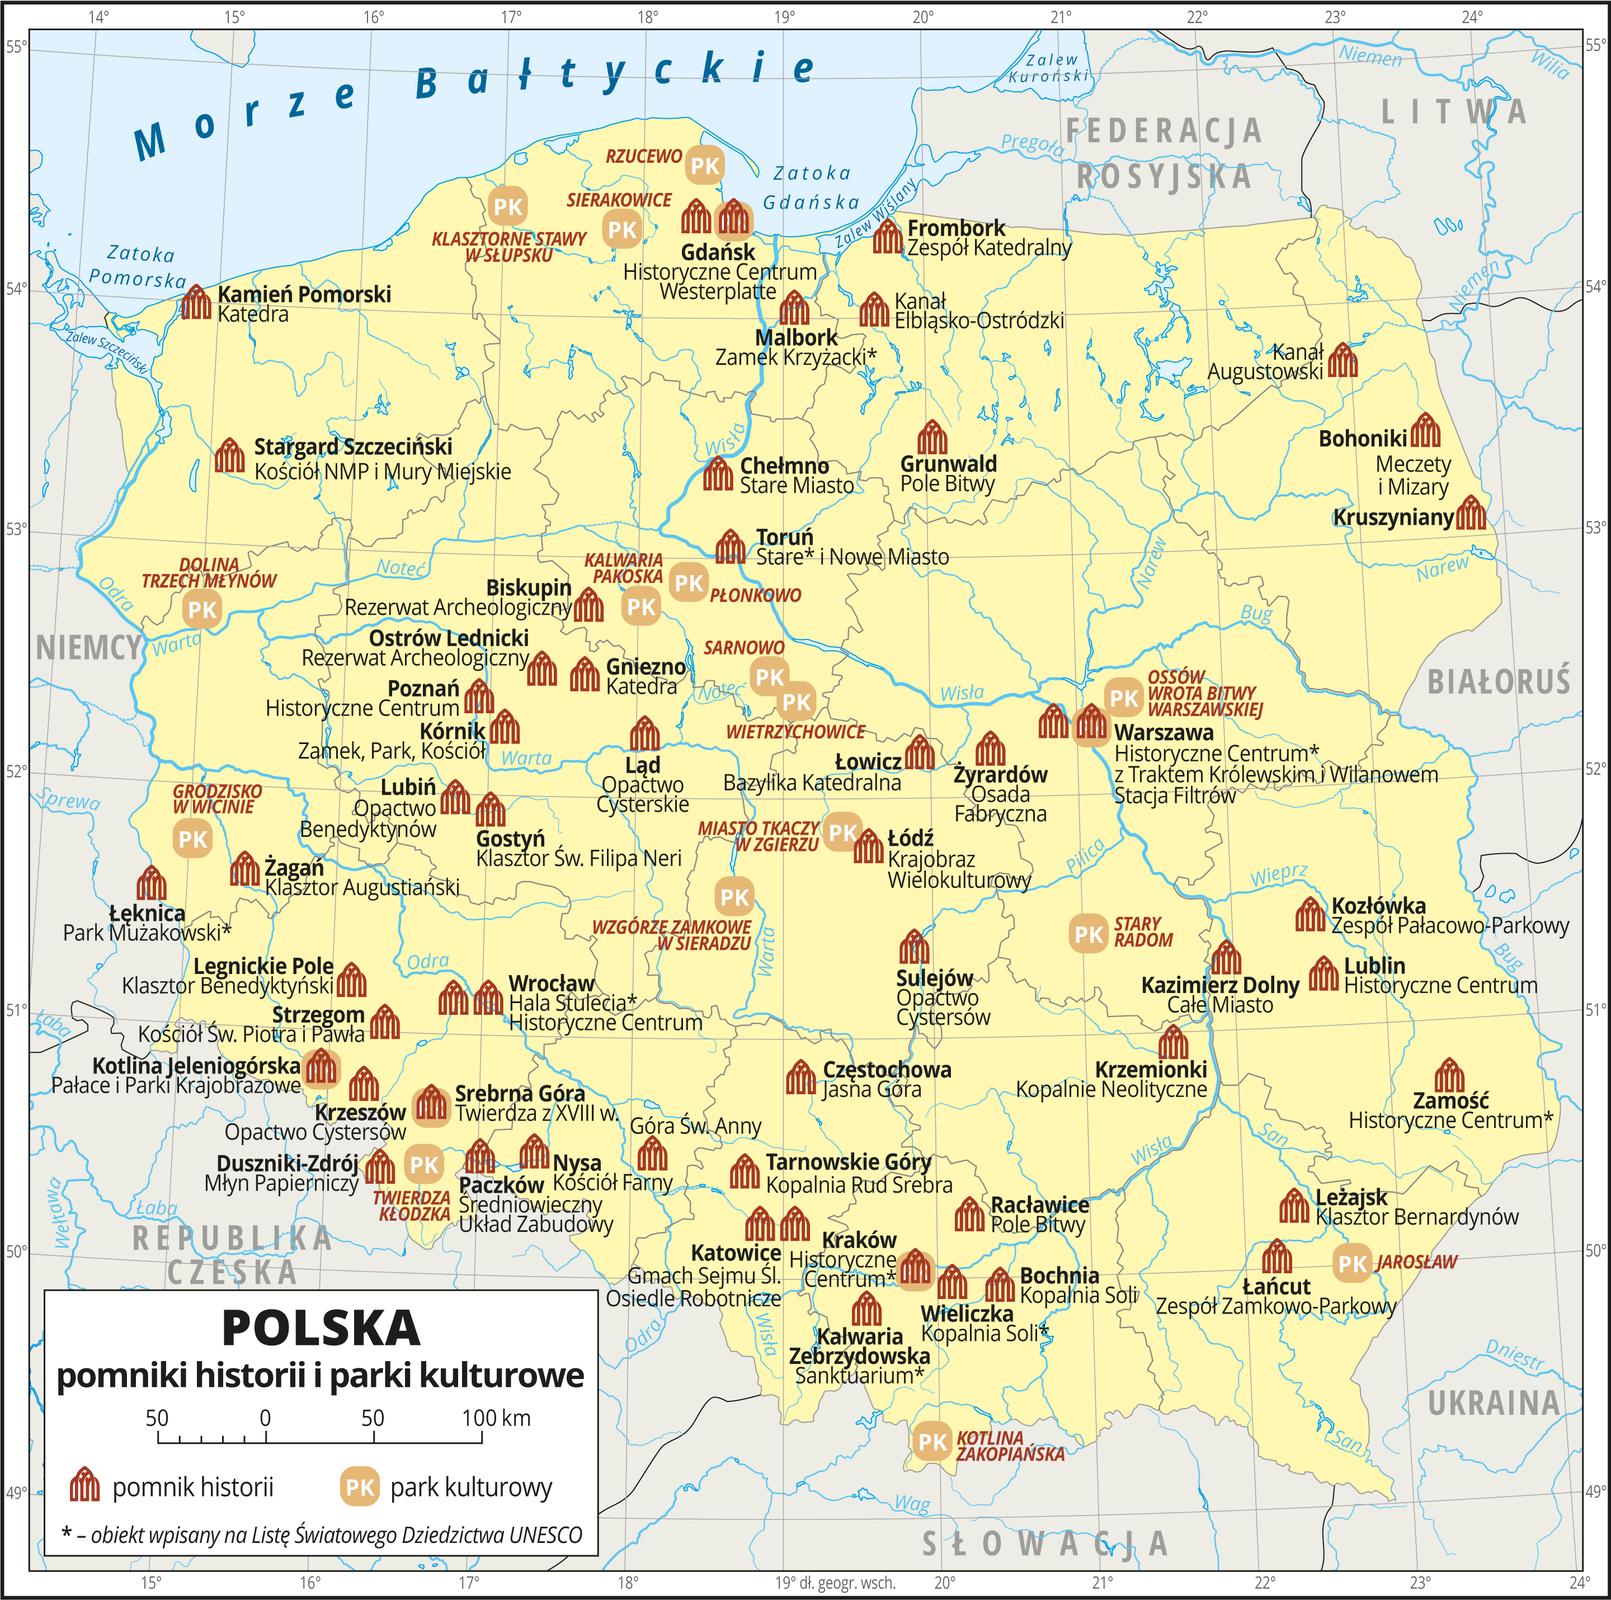 Ilustracja przedstawia mapę Polski. Obszar Polski przedstawiony jest kolorem żółtym. Granice Polski igranice województw oznaczono szarymi liniami. Opisano państwa sąsiadujące. Na mapie za pomocą czerwonej sygnatury budynku przedstawiono pomniki historii wPolsce, aza pomocą sygnatury składającej się zliter PK na beżowym polu przedstawiono parki kulturowe. Pomników historii jest dużo isą umiejscowione równomiernie wobrębie mapy, ich występowanie pokrywa się zwystępowaniem miejscowości, najmniej sygnatur jest wrejonie pojezierzy. Pomniki historii opisane są wkolorze czarnym nazwą miejscowości, wktórej się znajdują inazwą własną – na przykład: Malbork – Zamek Krzyżacki, Wieliczka – Kopalnia Soli. Obiekty wpisane na Listę Światowego Dziedzictwa UNESCO oznaczono gwiazdką. Parków kultury jest mniej, sygnatury najgęściej występują wcentrum Polski, na przykład: Miasto Tkaczy wZgierzu, Wzgórze Zamkowe wSieradzu. Nazwy parków kultury opisano kolorem czerwonym. Mapa zawiera południki irównoleżniki, dookoła mapy wbiałej ramce opisano współrzędne geograficzne co jeden stopień. Wlegendzie na dole mapy objaśniono znaki użyte na mapie.